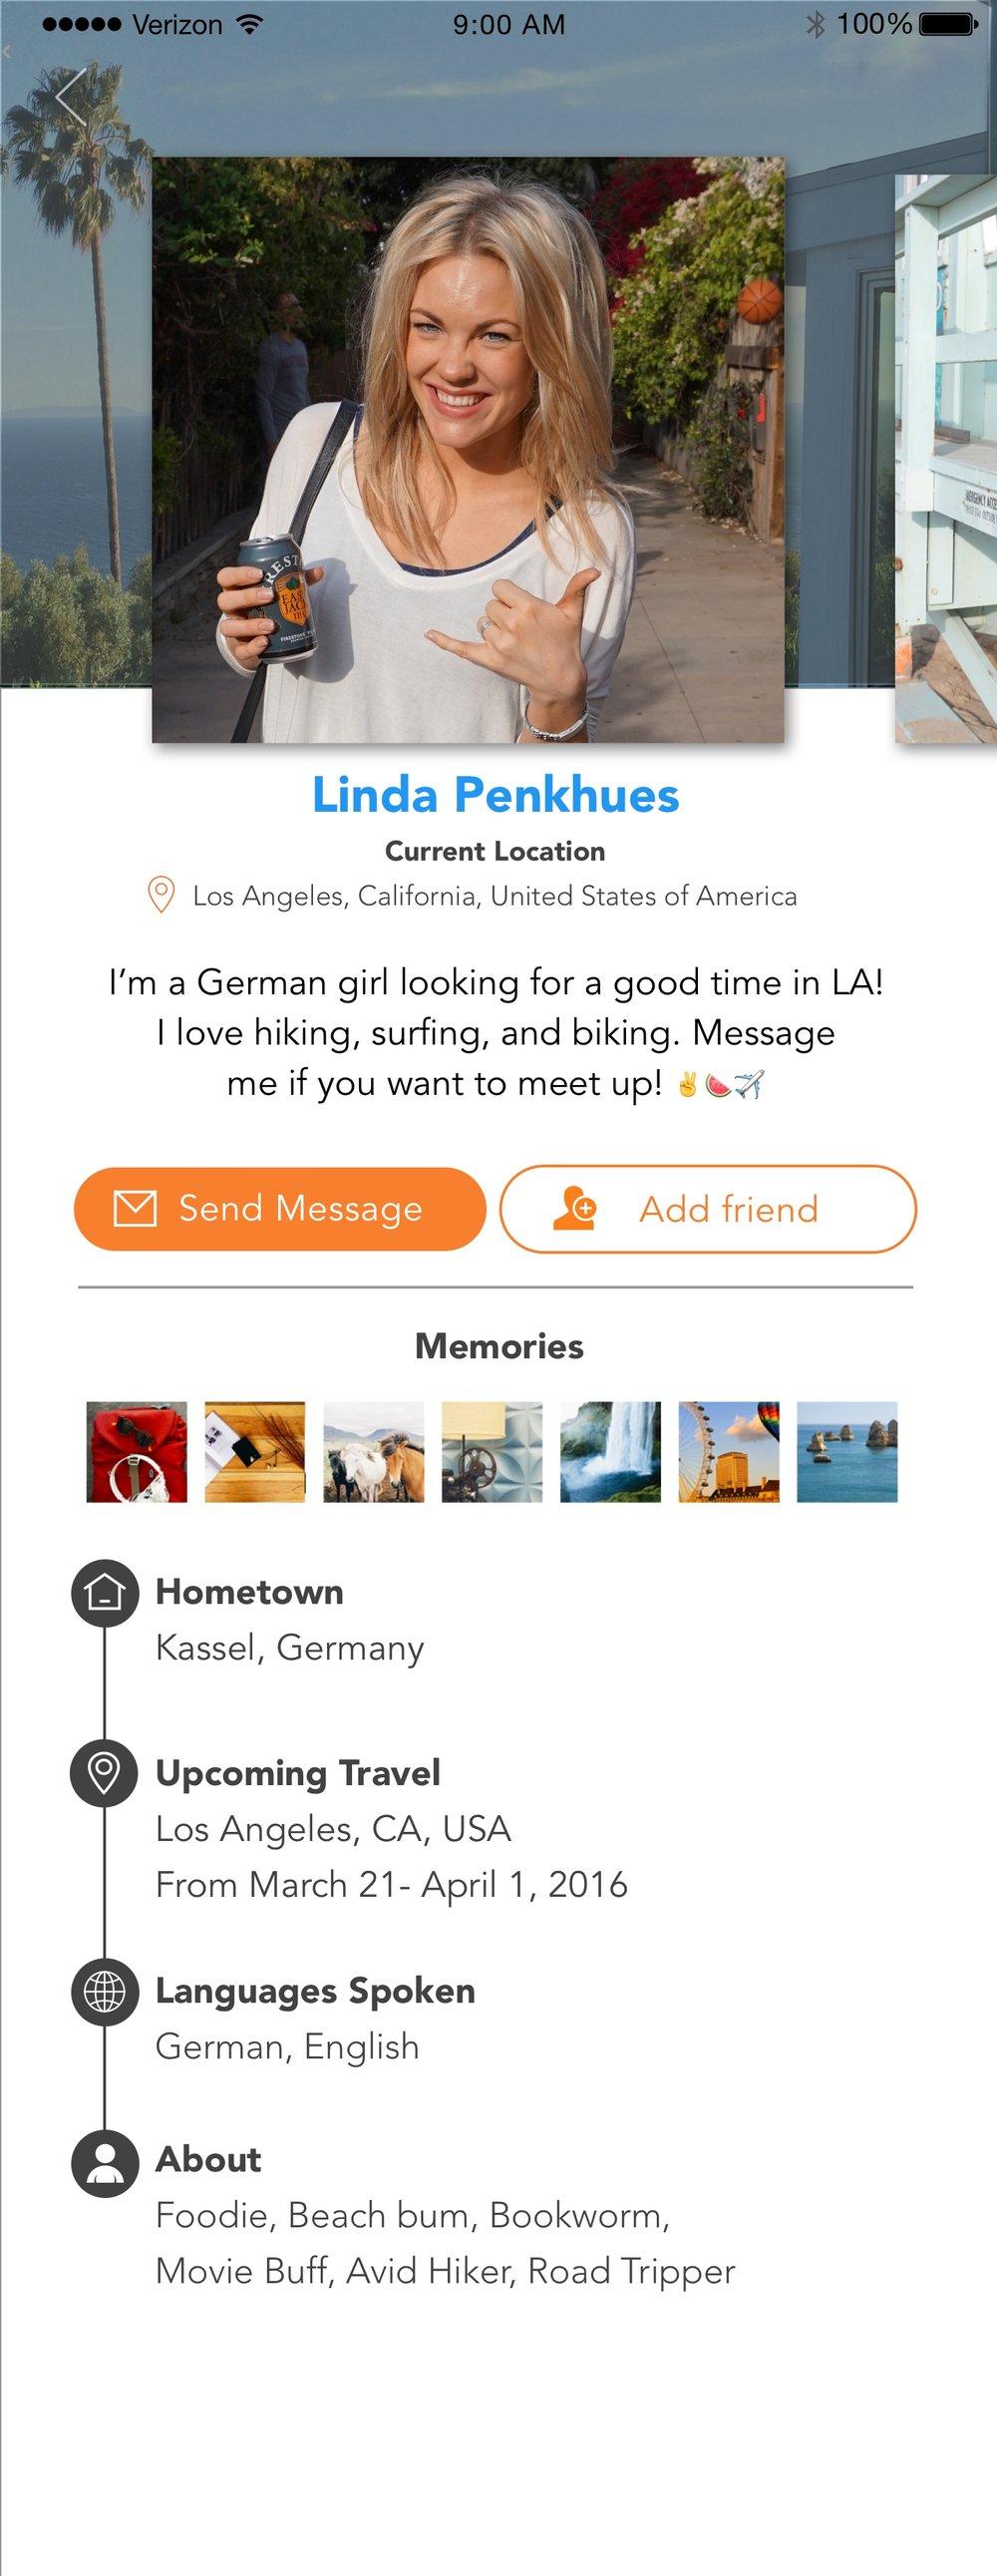 Profile Wanderlist Guide.jpg